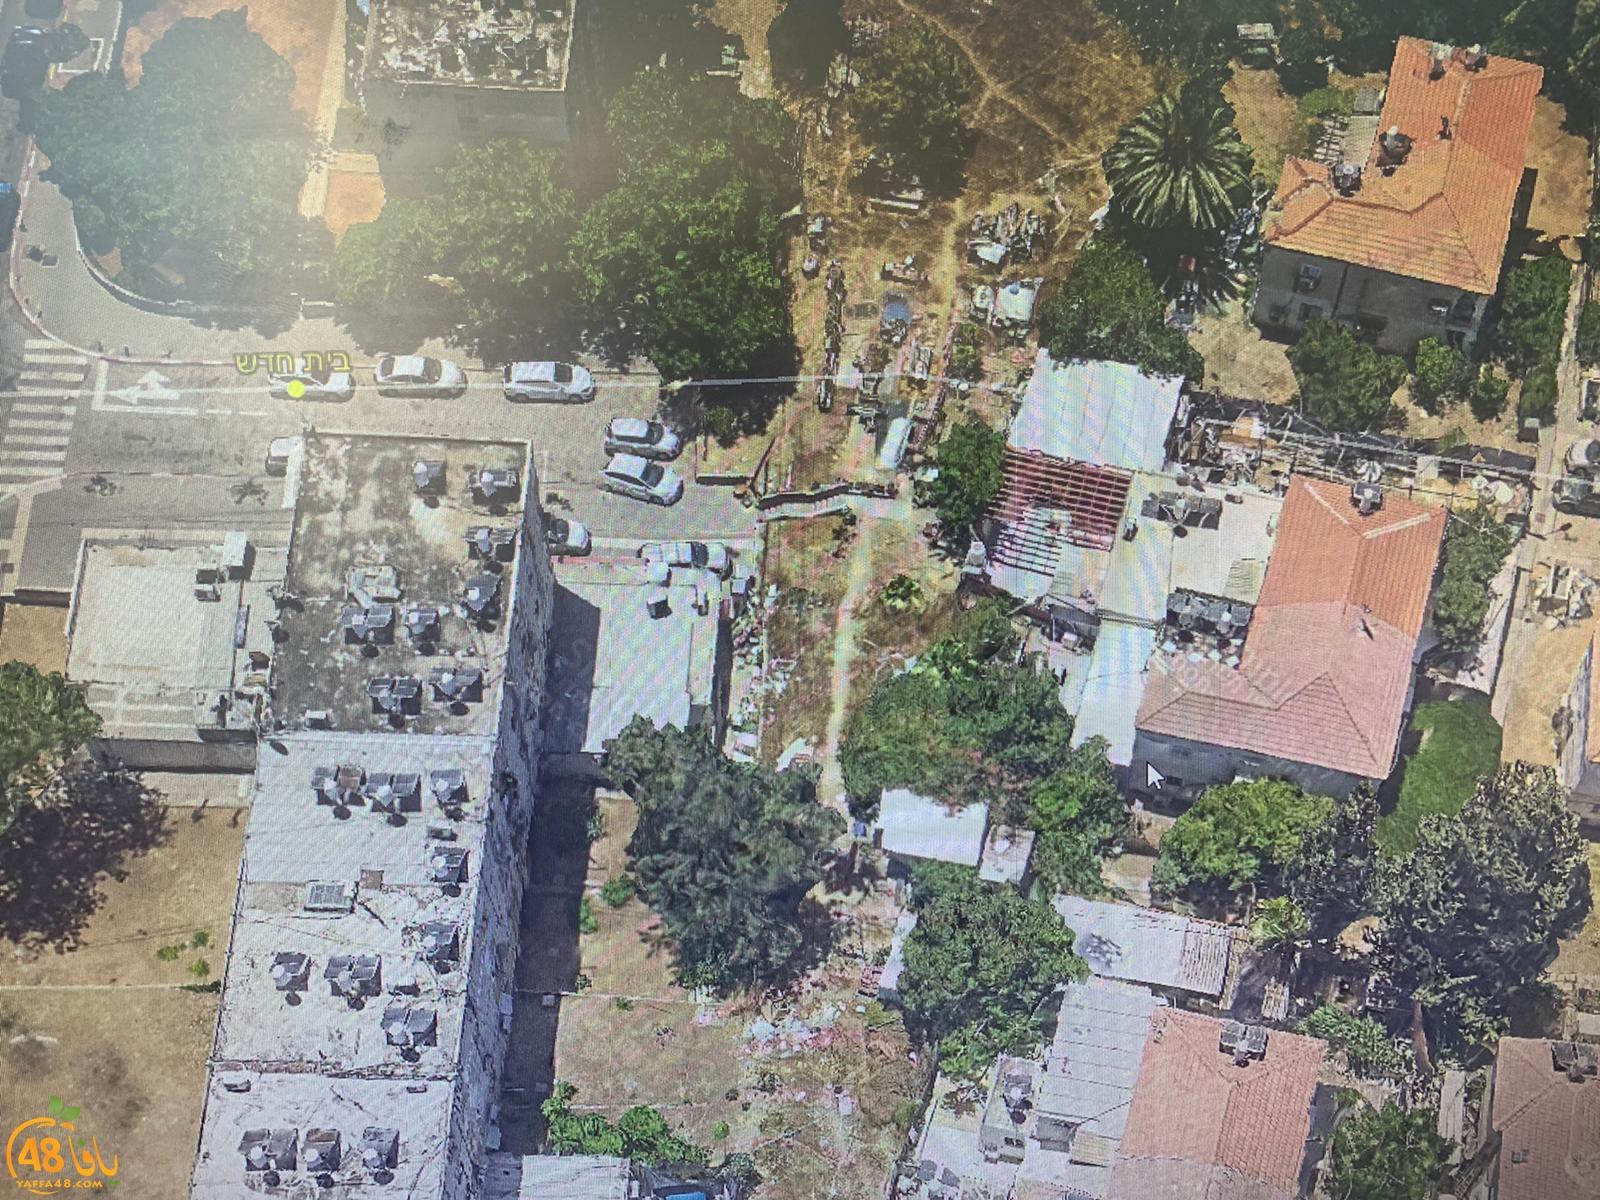 تحرير أرض بمساحة 1400 متراً في الشيخ مراد لصالح المسلمين بيافا